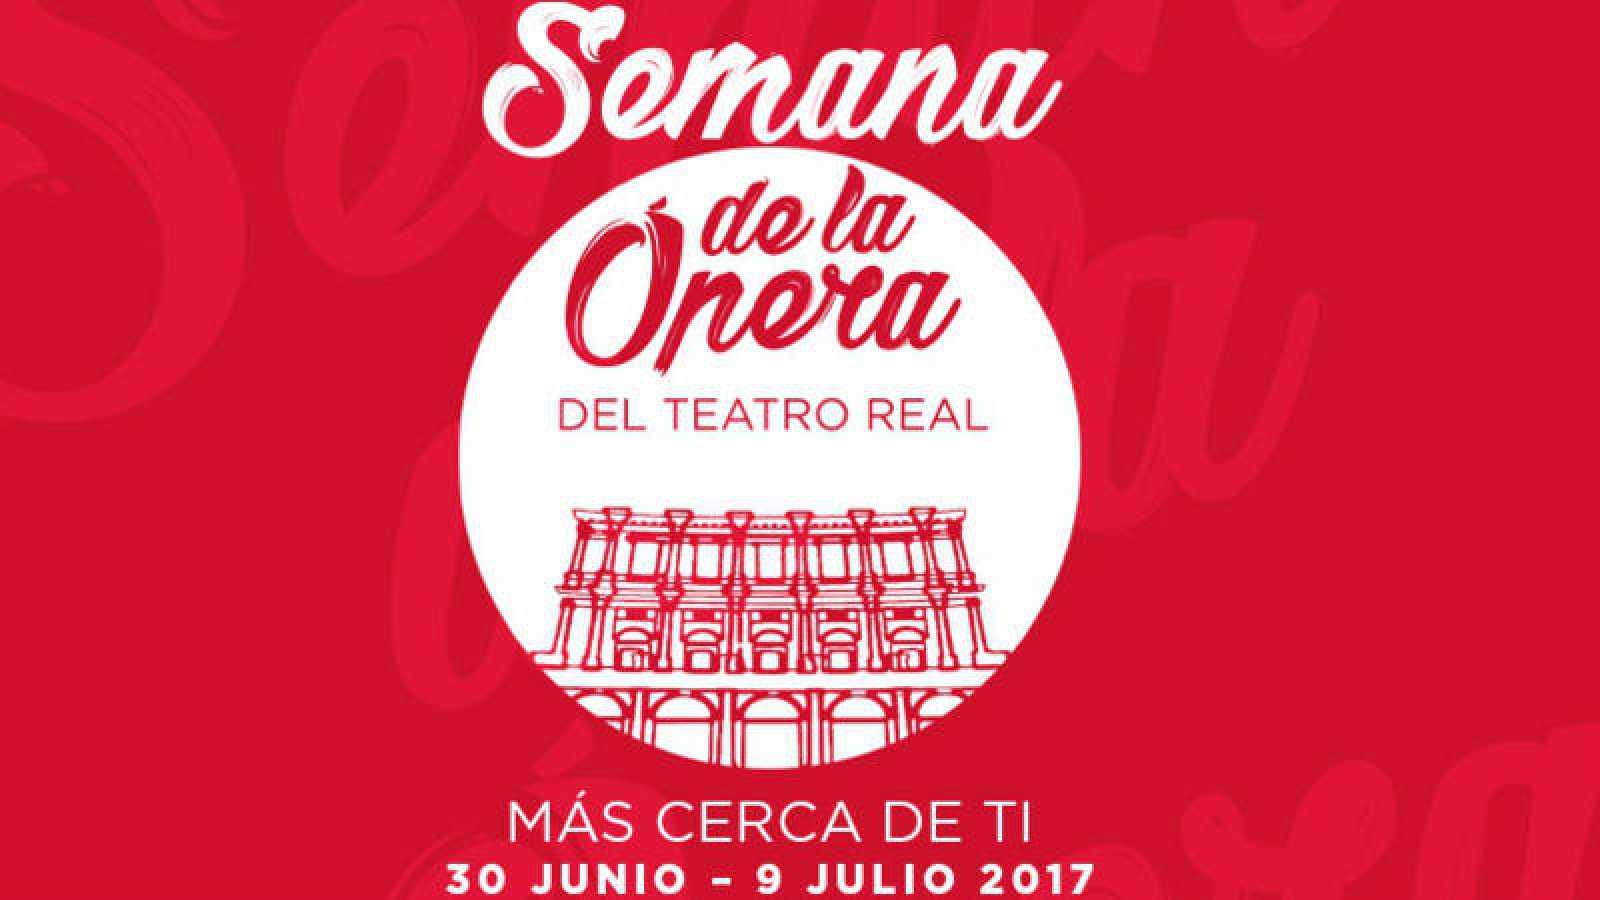 La Semana de la ópera